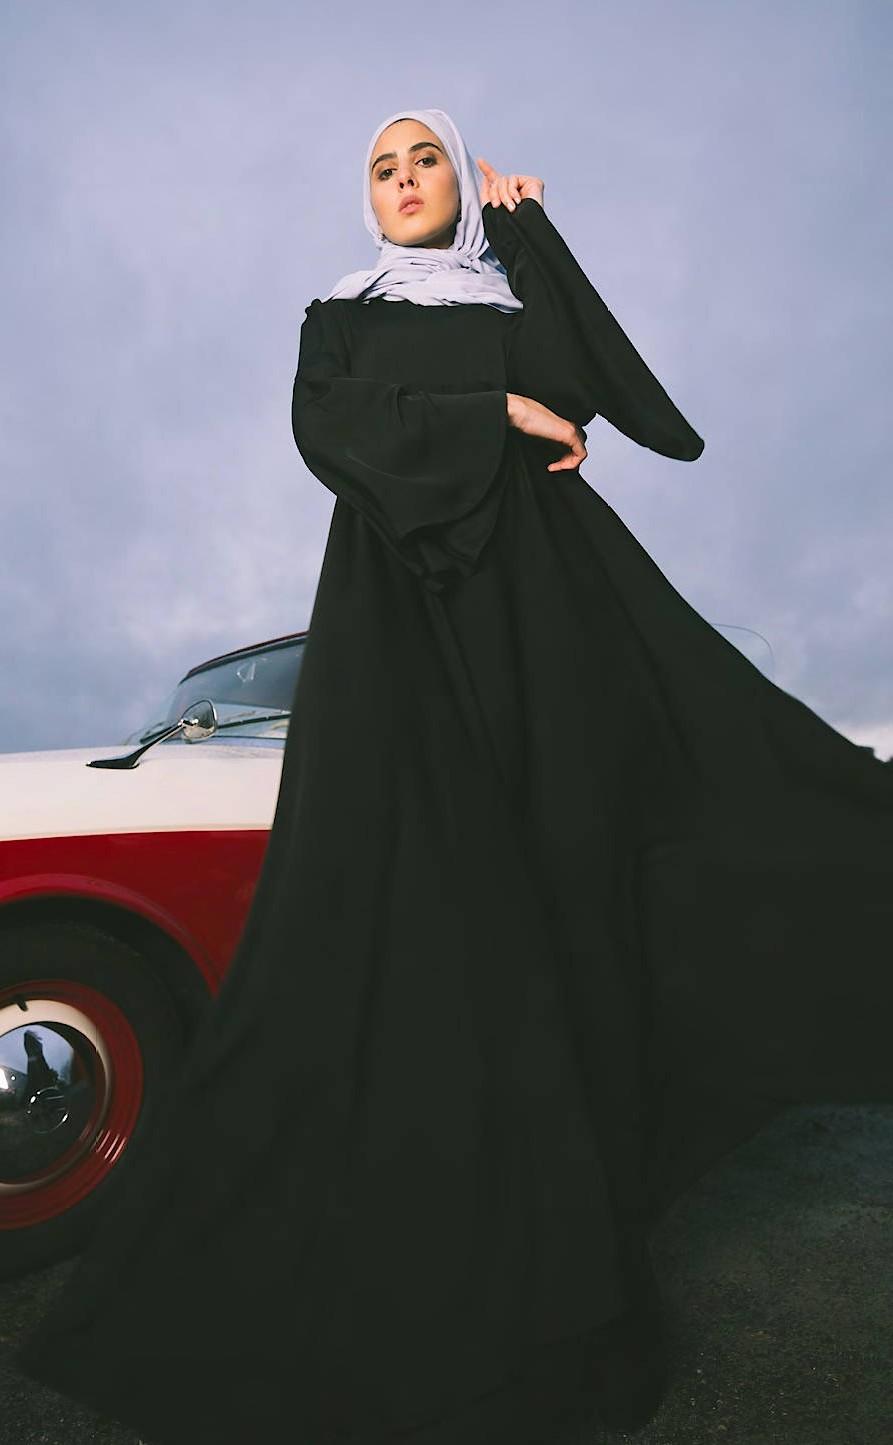 """Verzicht auf tiefe Ausschnitte oder Transparenz: """"Modest Fashion"""" zeigt weniger Haut und entspricht damit den Ansprüchen vieler Jüdinnen, Musliminnen oder Christinnen."""